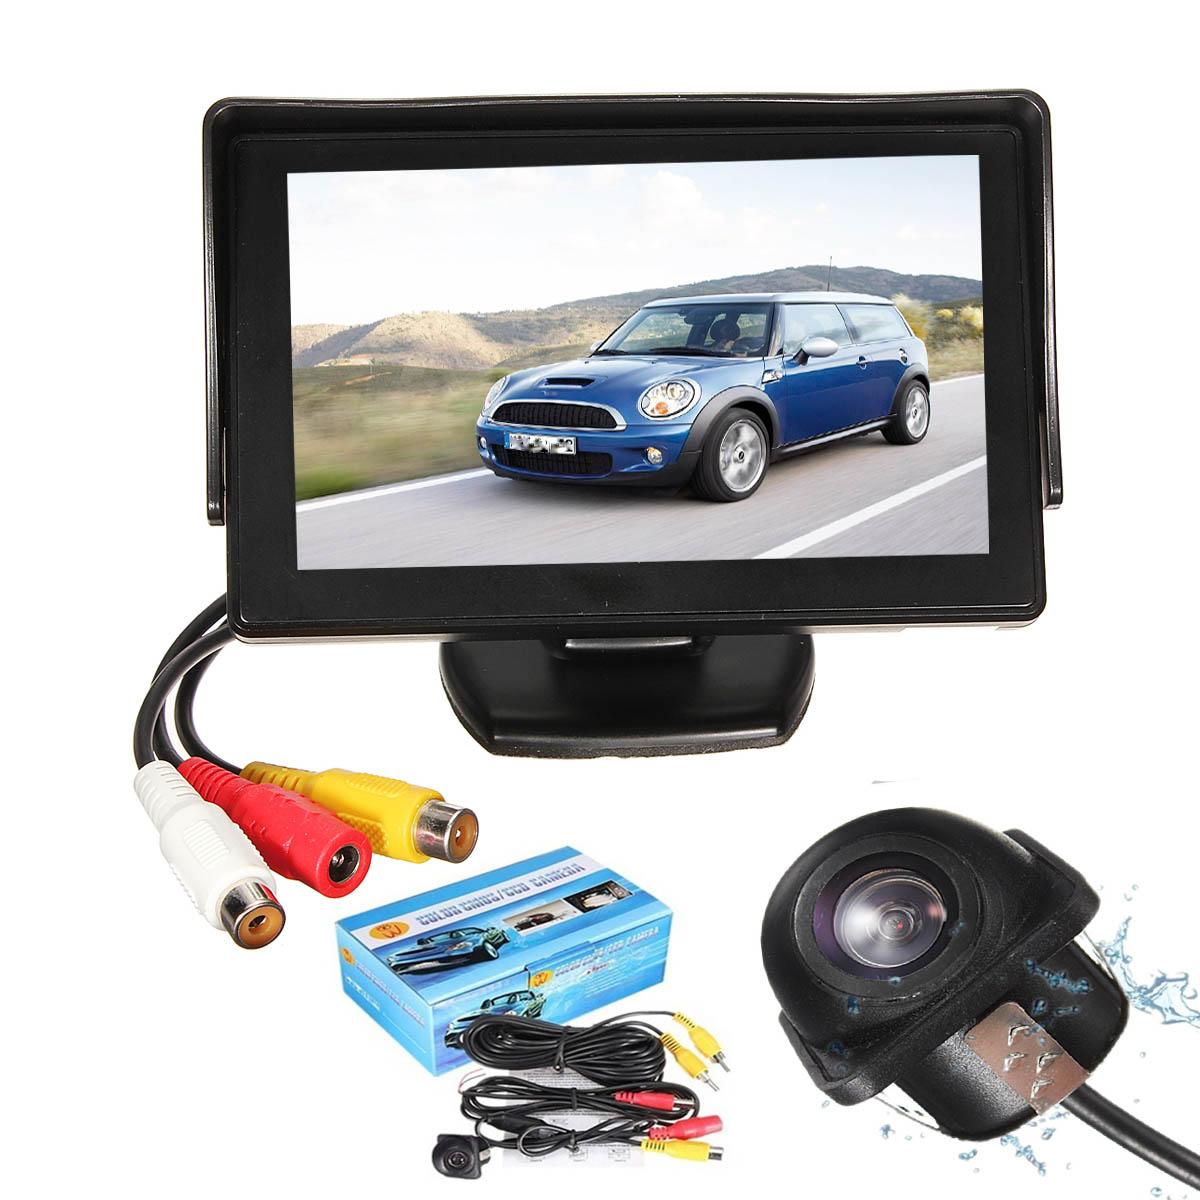 2016 Brand New 4.3 Inch TFT LCD Car Rear View Backup Monitor Waterproof Night Vision Camera Kit(China (Mainland))